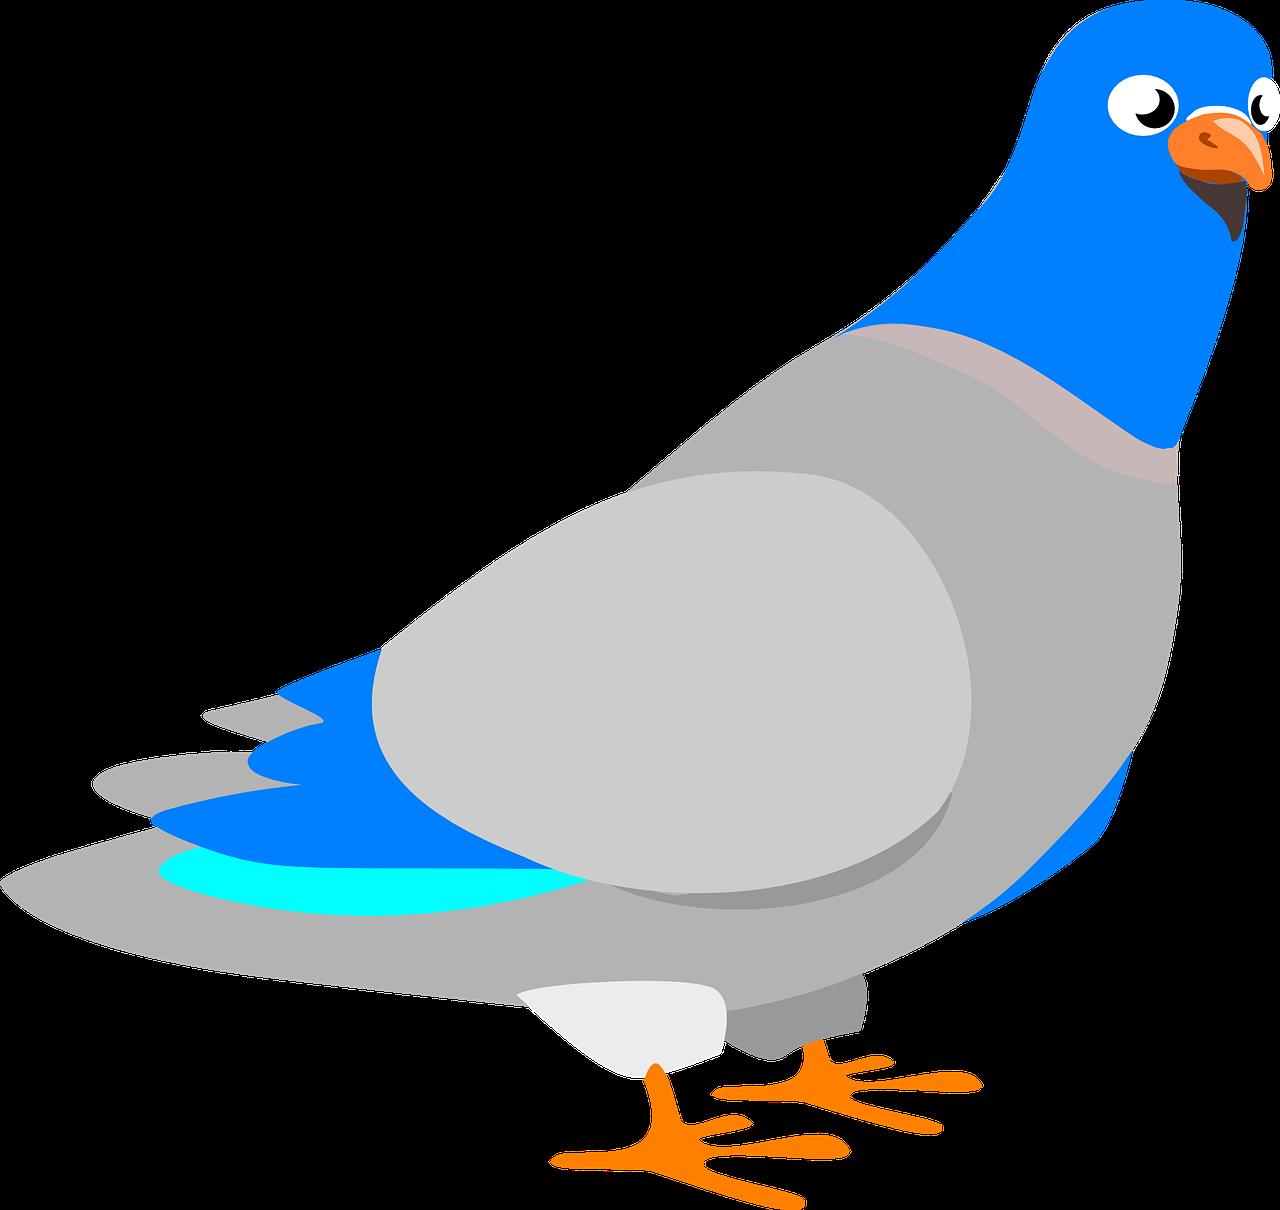 Голуби в картинках для детей, открытка днем рождения